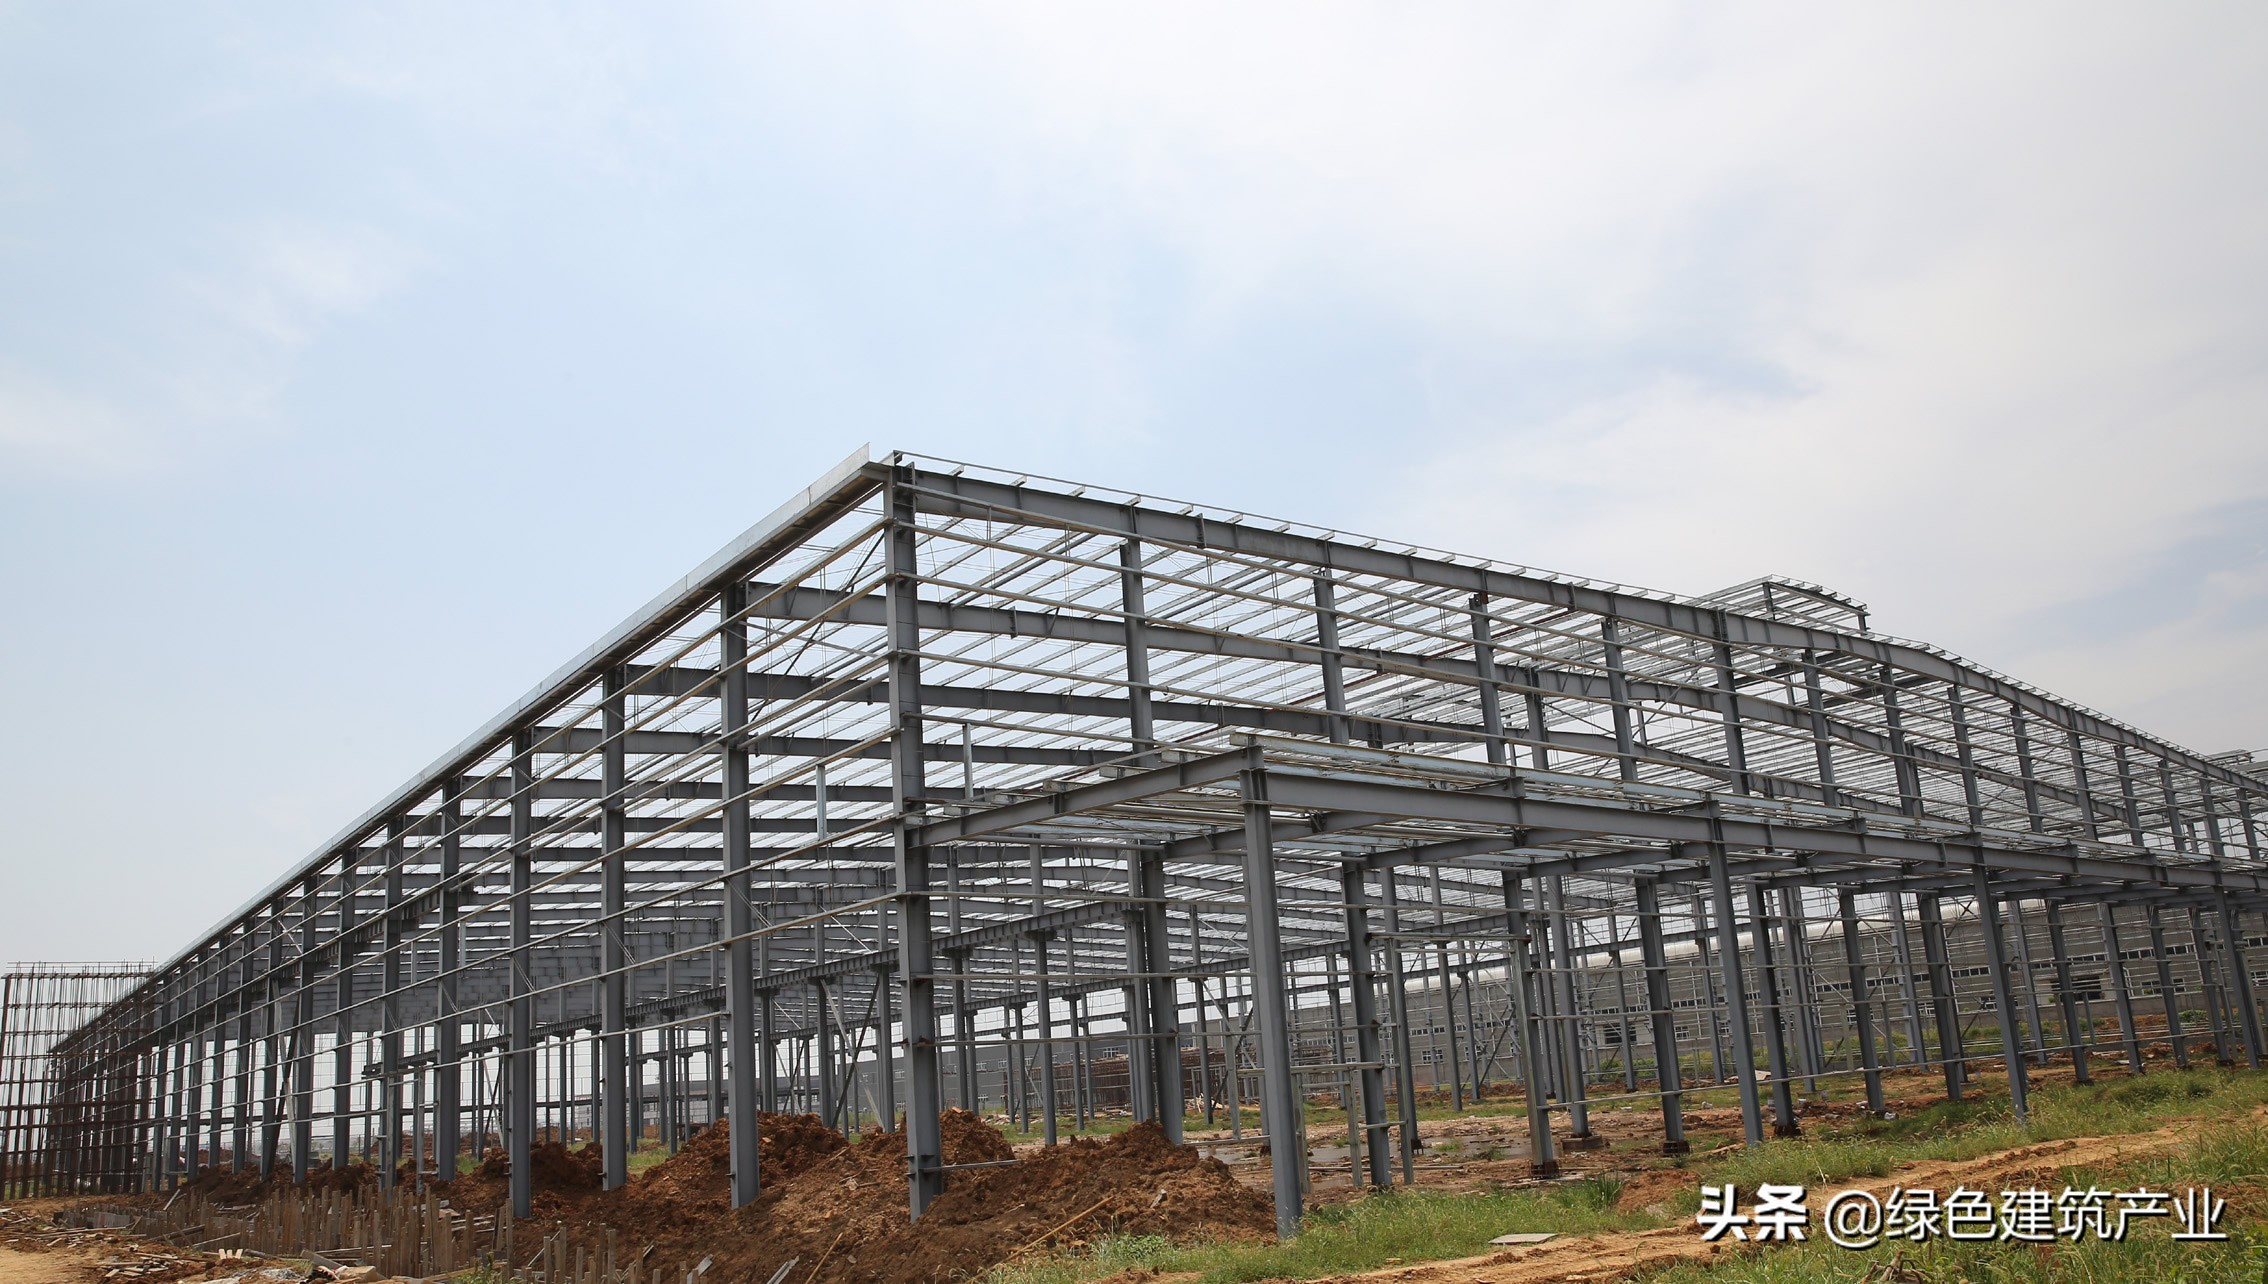 中普重工承建湖北润泛生物产业园二期工程项目